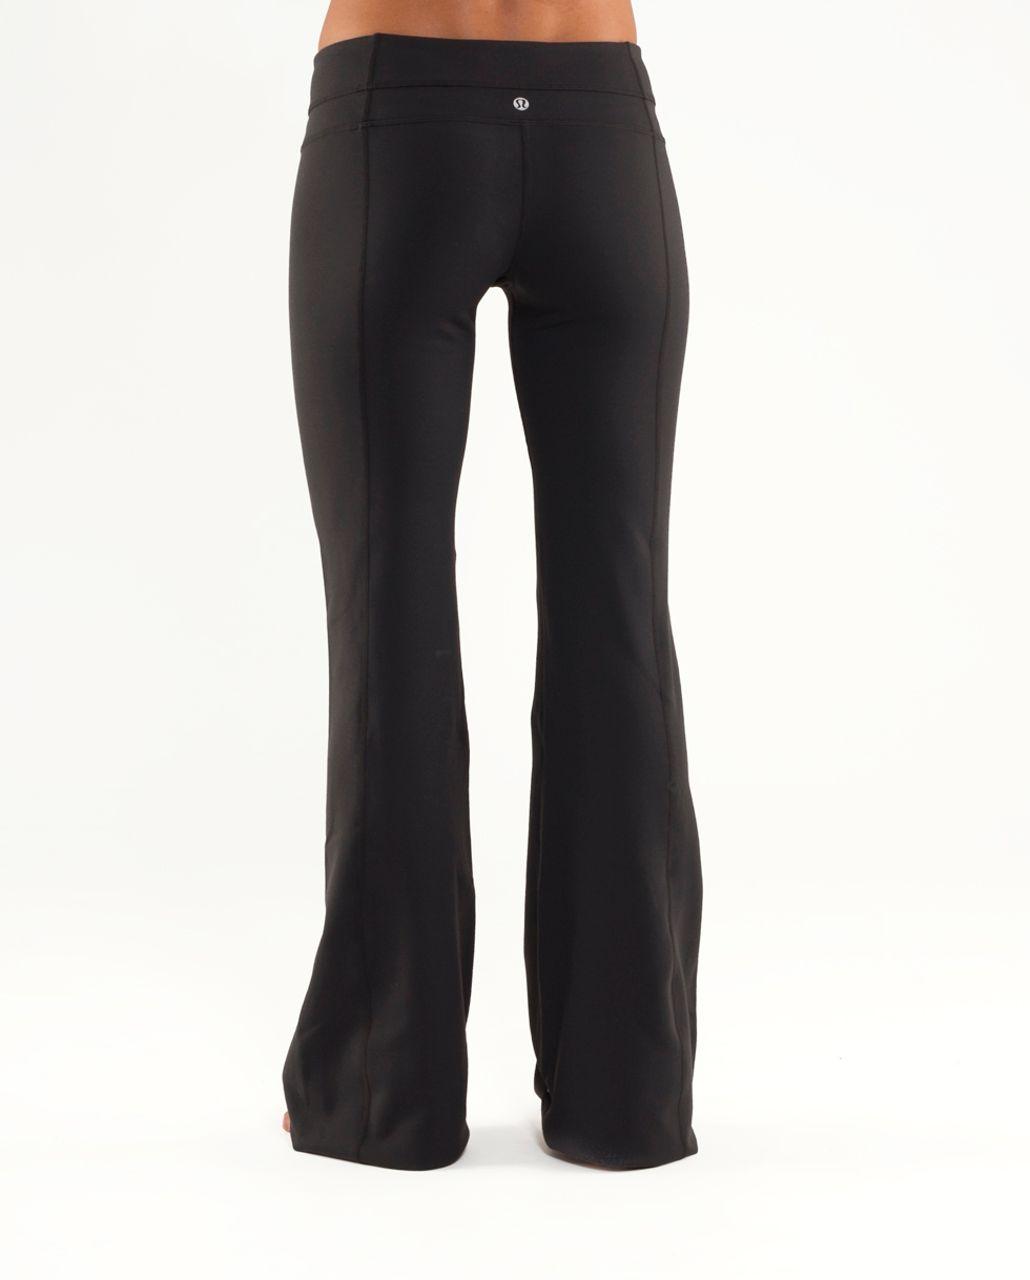 Lululemon Groove Pant (Tall) - Black